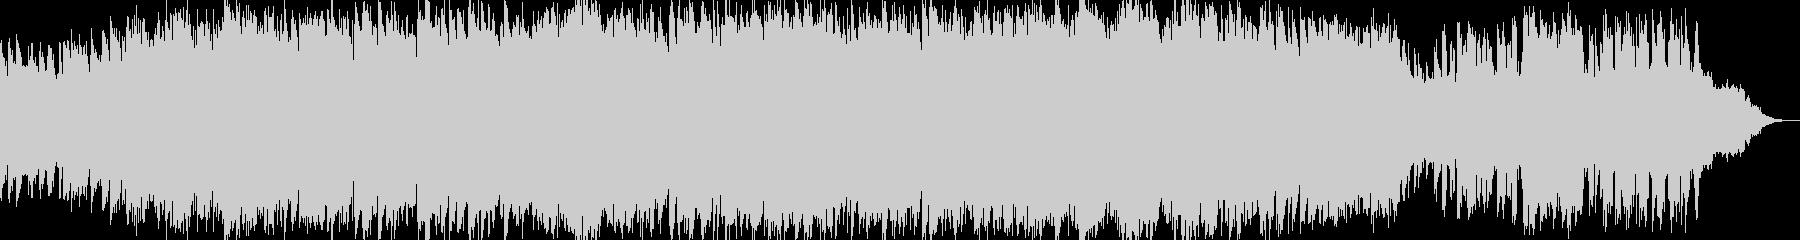 激しくも切ないピアノアンビエントBGMの未再生の波形